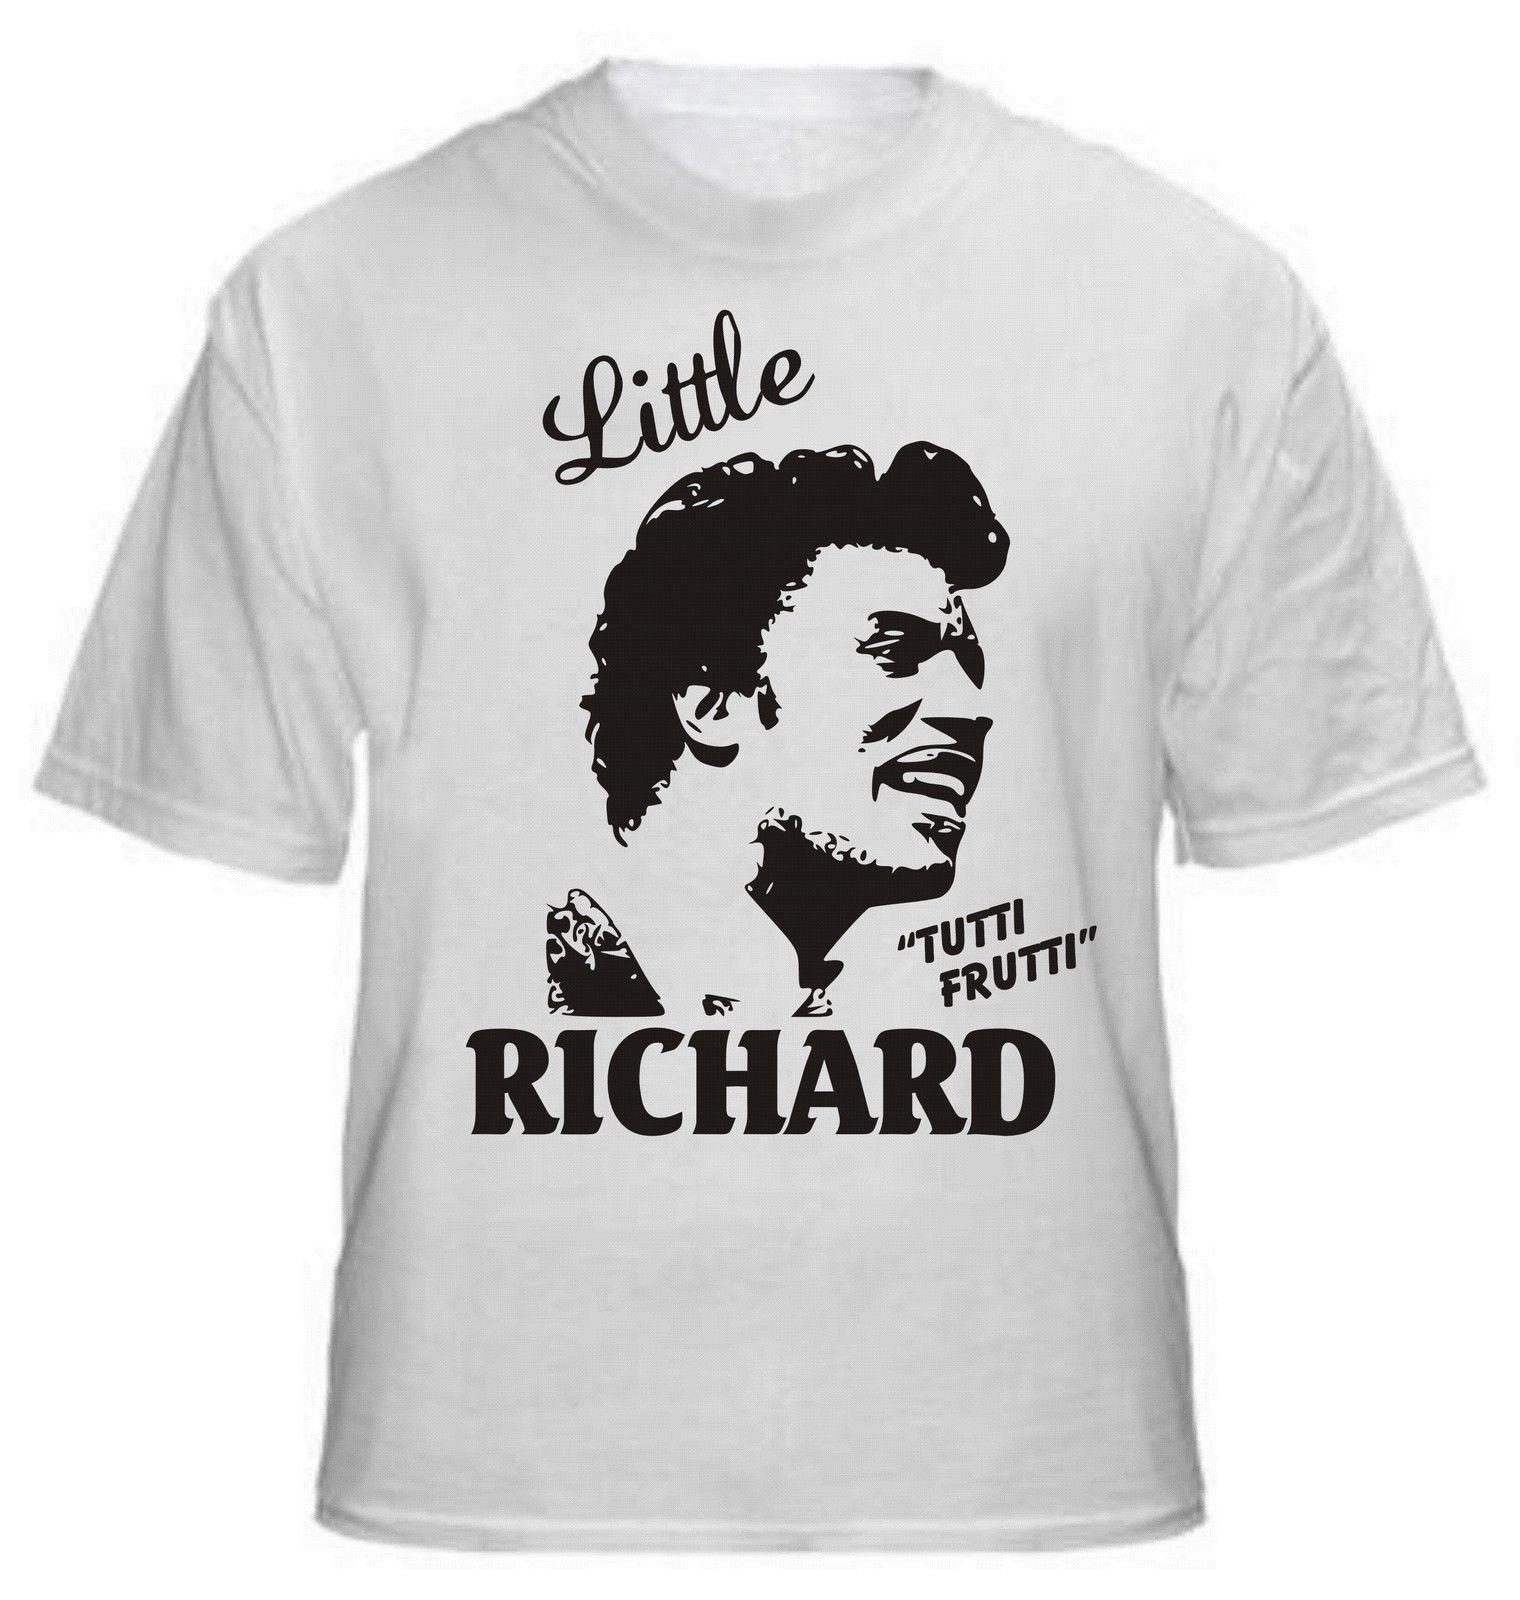 Маленькая Ричард Тутти-фрутти Футболка rocknroll Легенда-все размеры и цвета ...